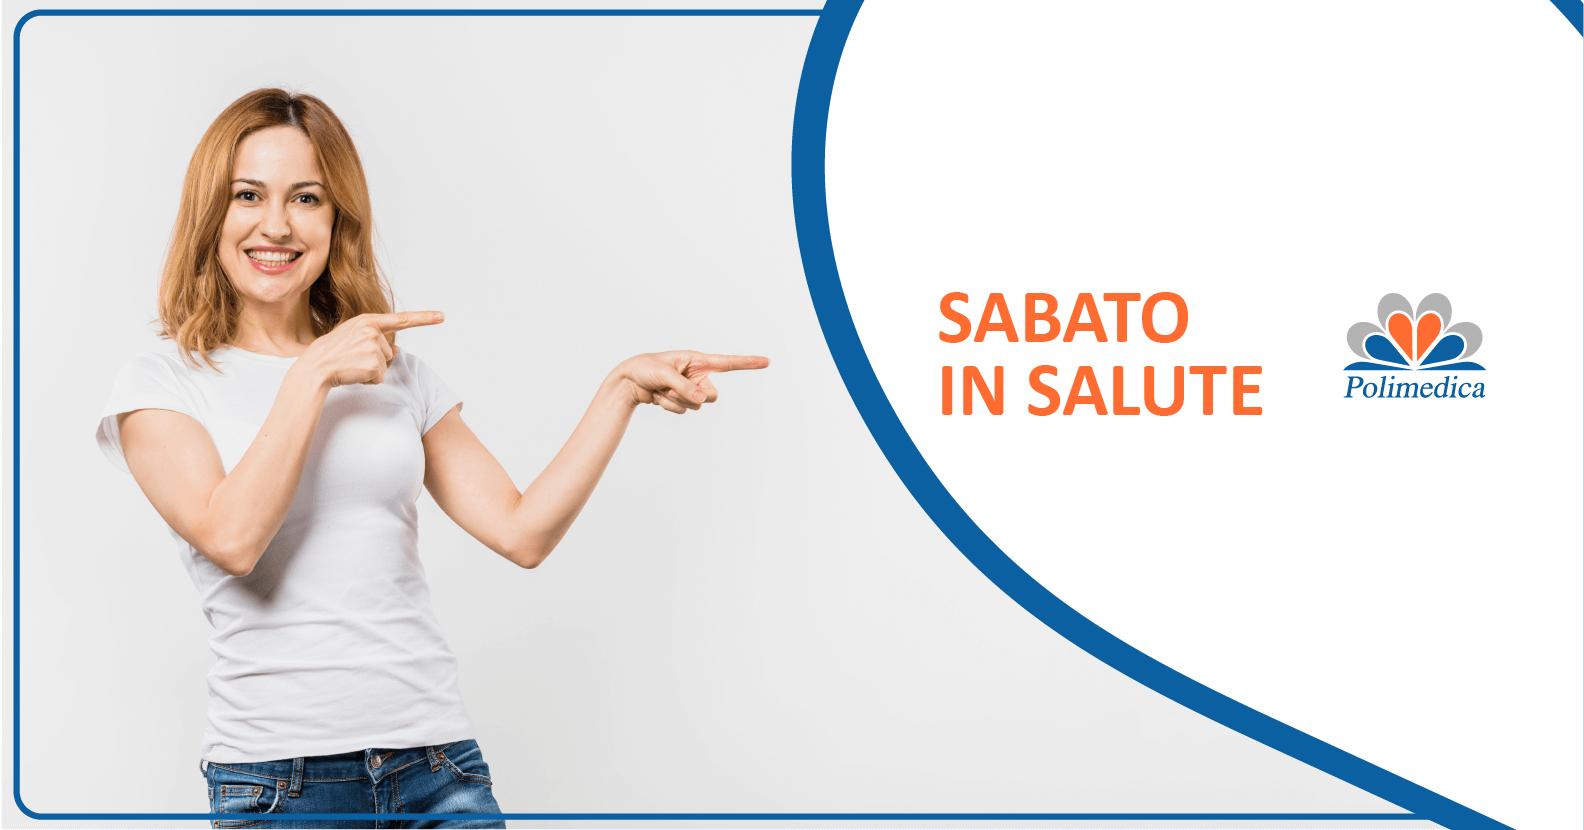 Ambulatorio medico specialistico aperto anche il Sabato in Basilicata - Melfi